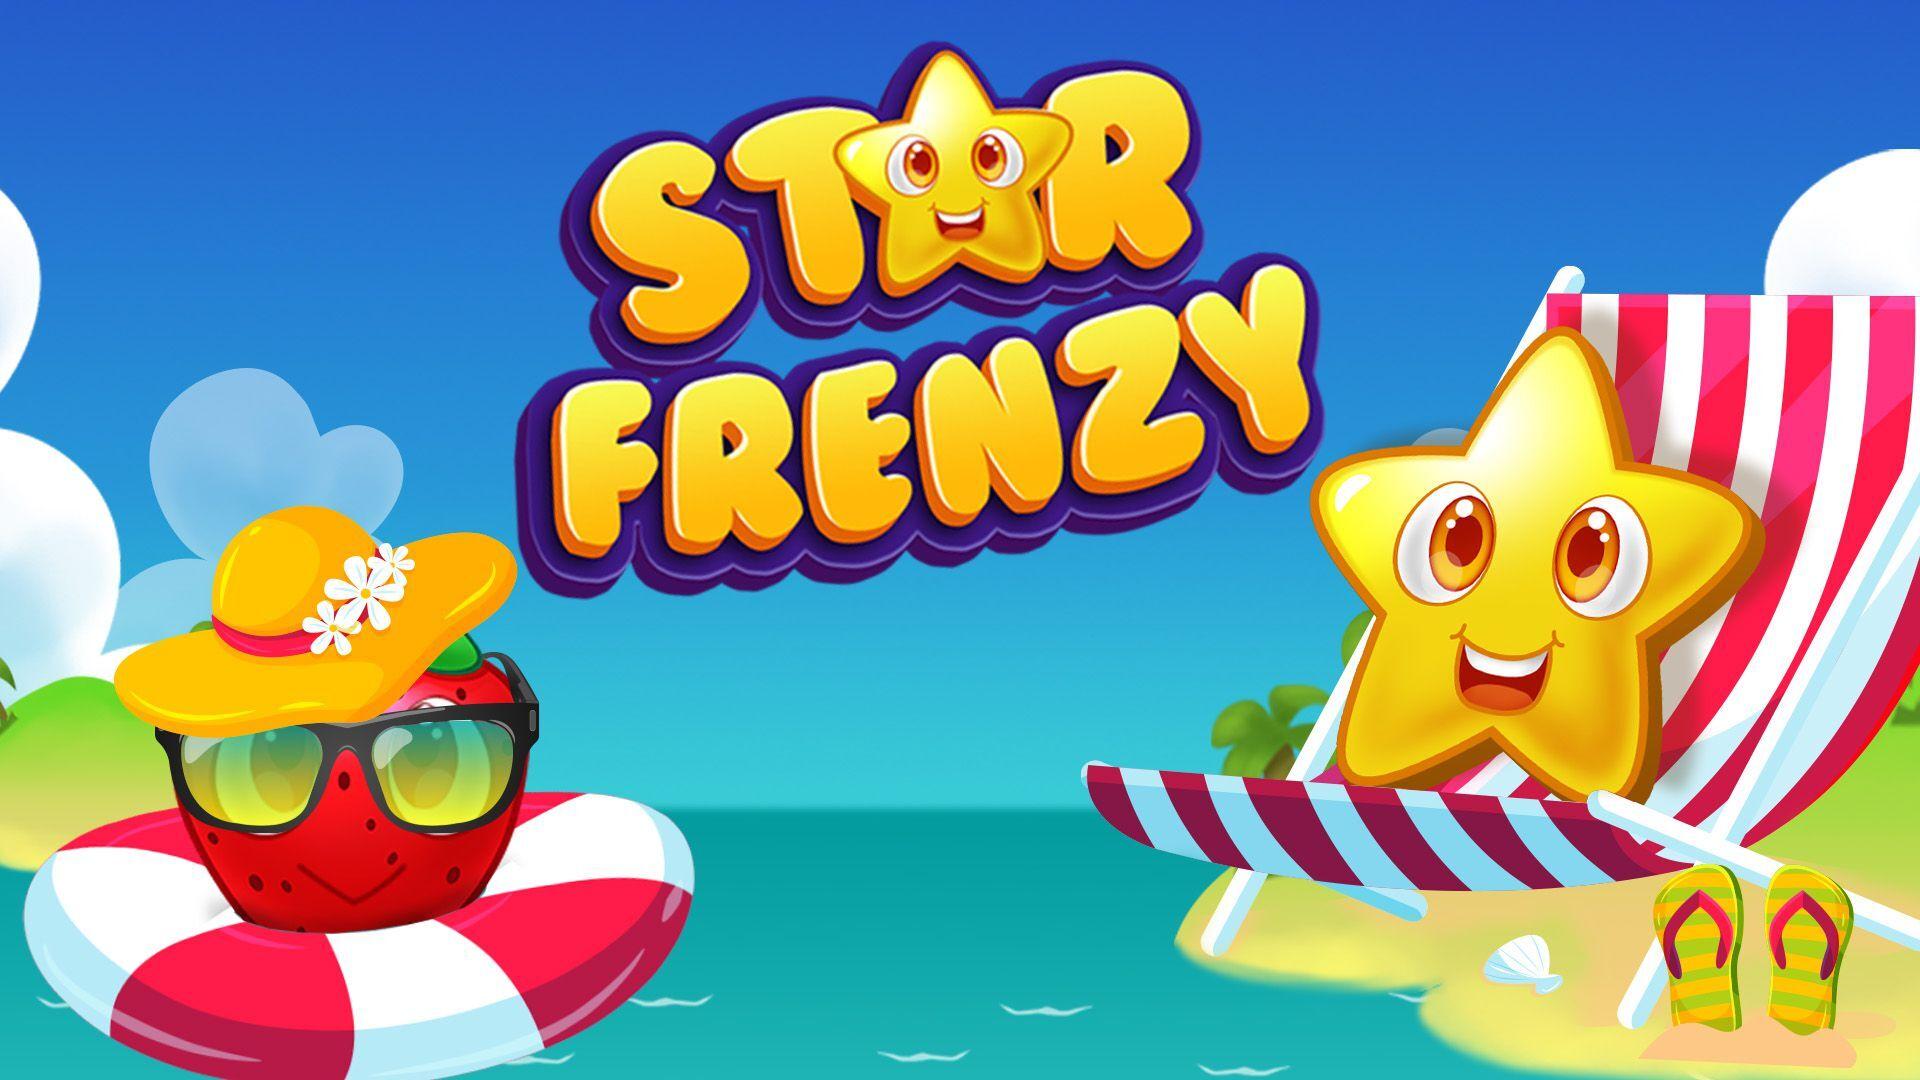 Star_Frenzy_playnow